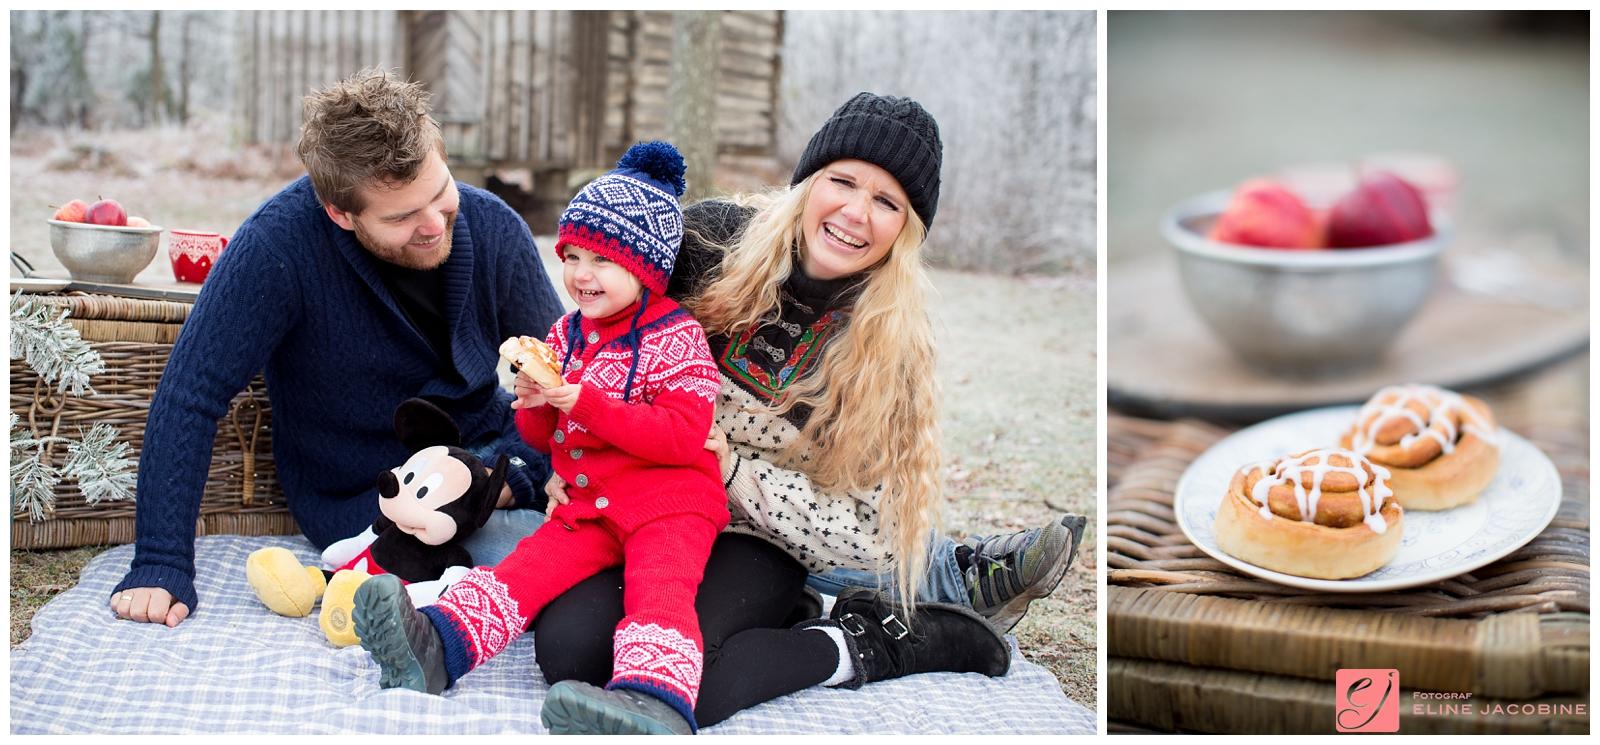 Vinterlige familiebilder